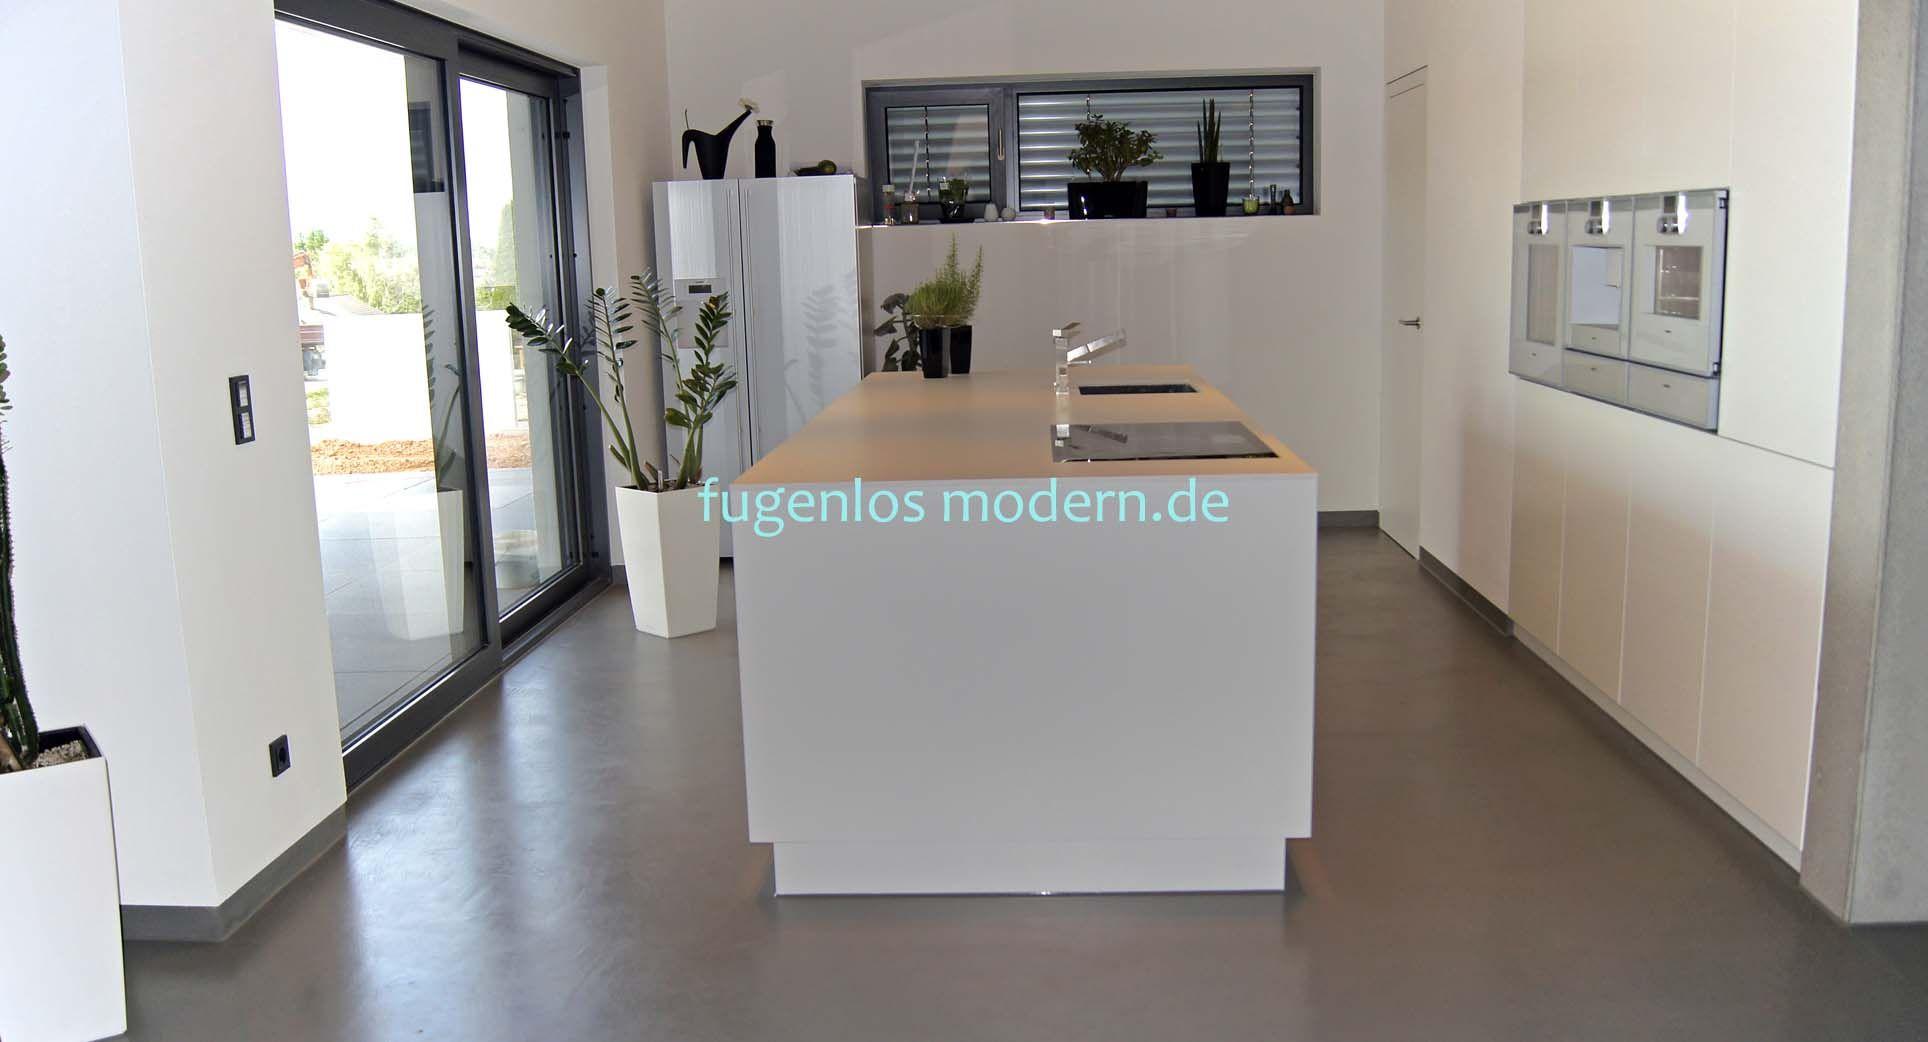 fugenloser Boden für moderne Küchen by fugenlosmodern.de